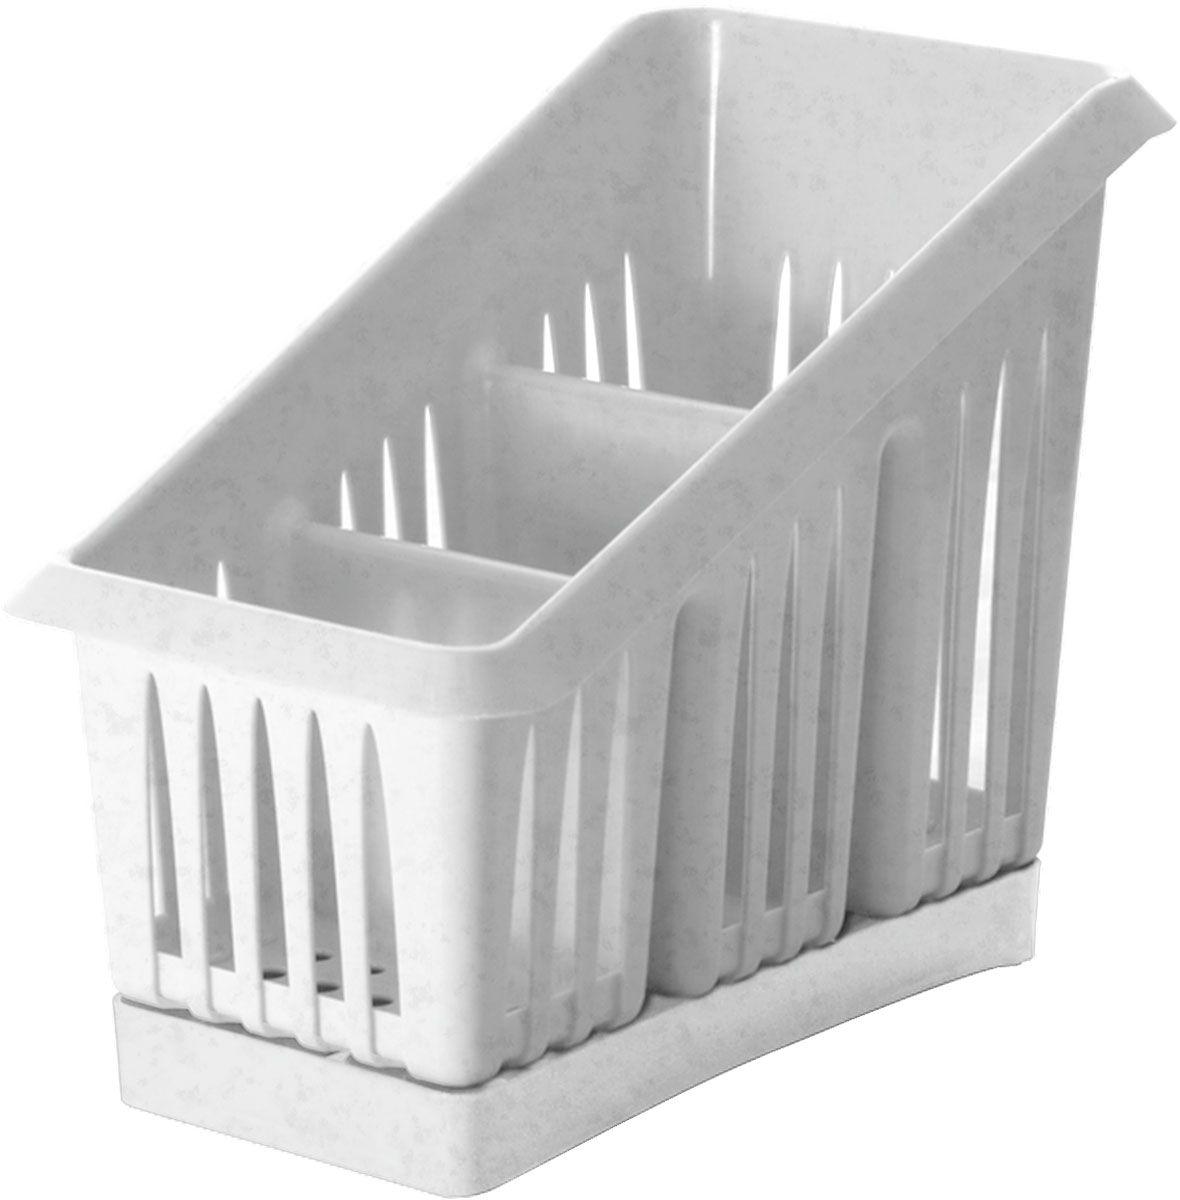 Сушилка для столовых приборов Plastic Centre Лилия, 3-секционная, цвет: мраморный, 20 х 12 х 16 смПЦ1564МРСушилка для столовых приборов пригодится на любой кухне. Три секции позволят сушить или хранить столовые приборы по отдельности (ножи, вилки, ложки и т.п.). Сушилка снабжена поддоном для стока воды с приборов.